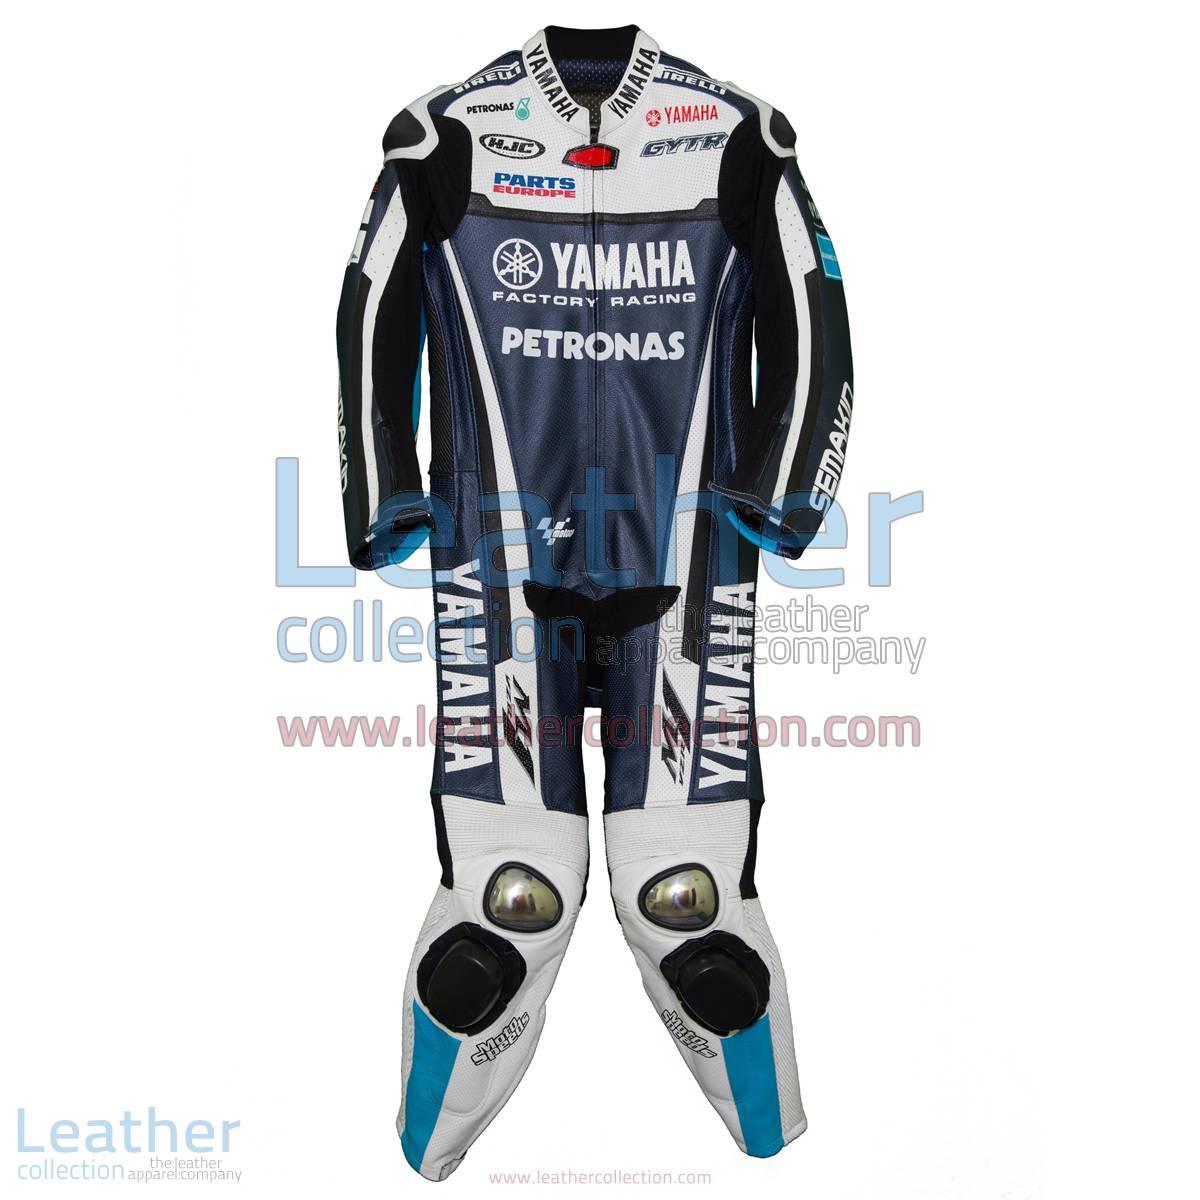 Ben Spies Yamaha 2011 MotoGP Leathers | Ben spies